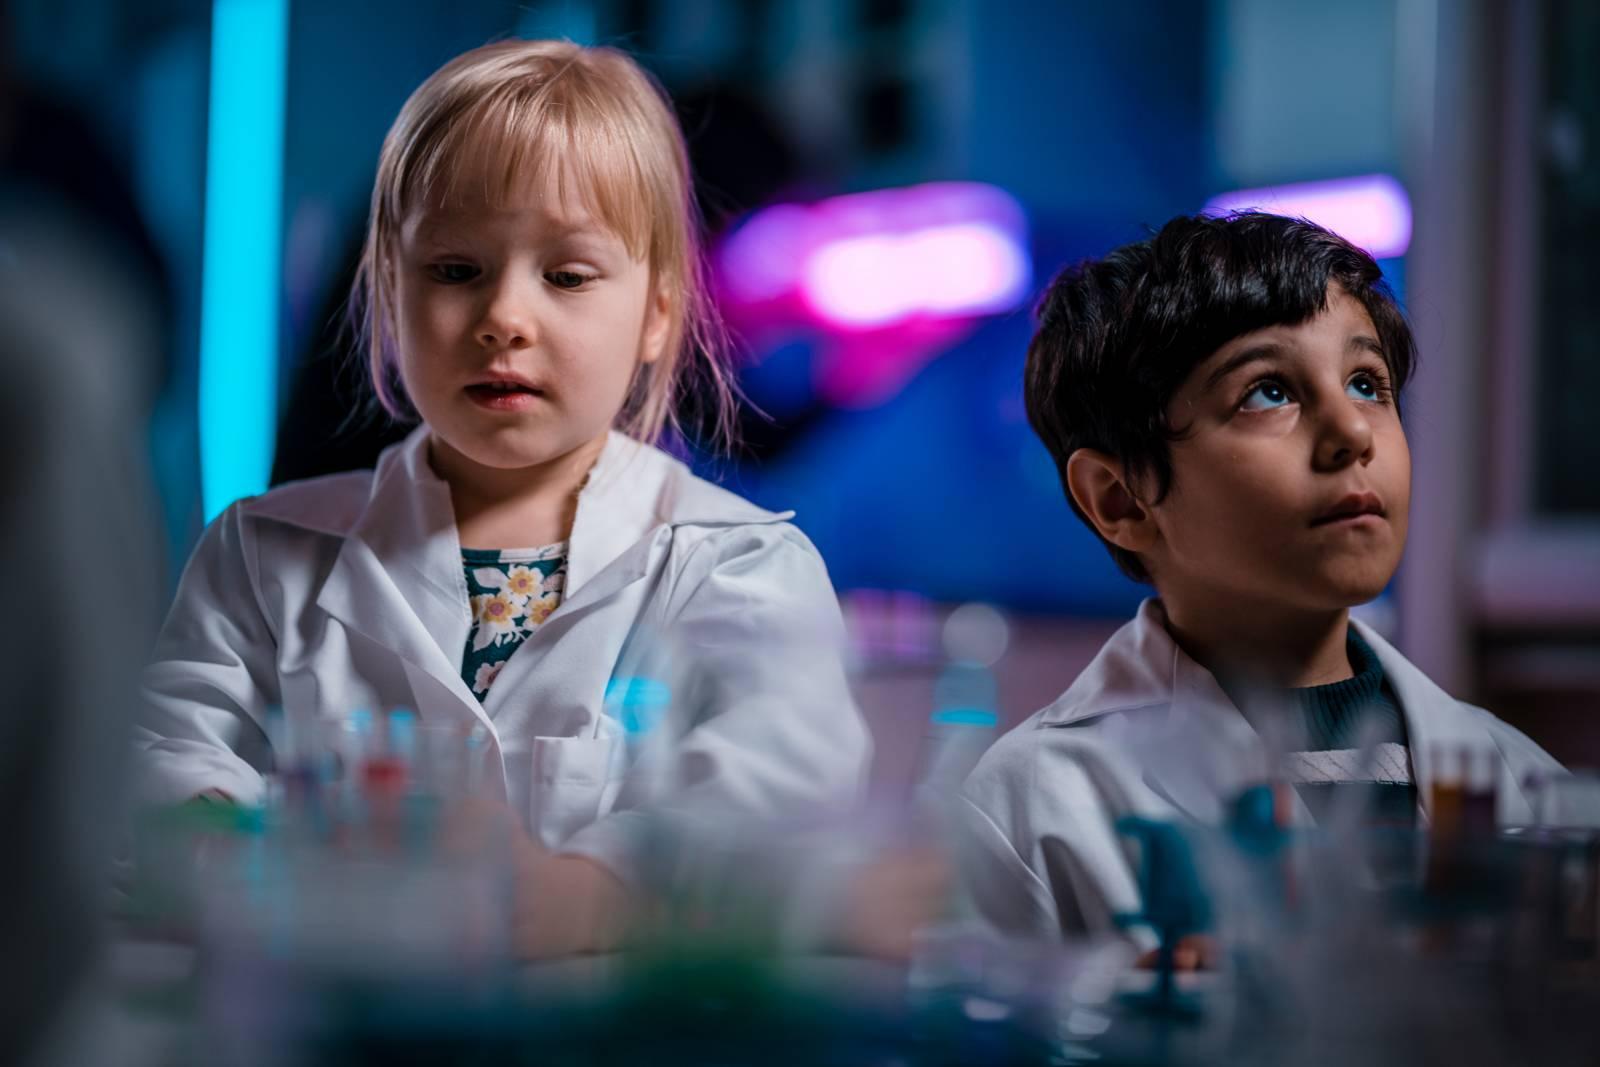 Valokuva, lähikuvassa kaksi pientä pohdiskelevaa lasta laboratoriotakit päällä.